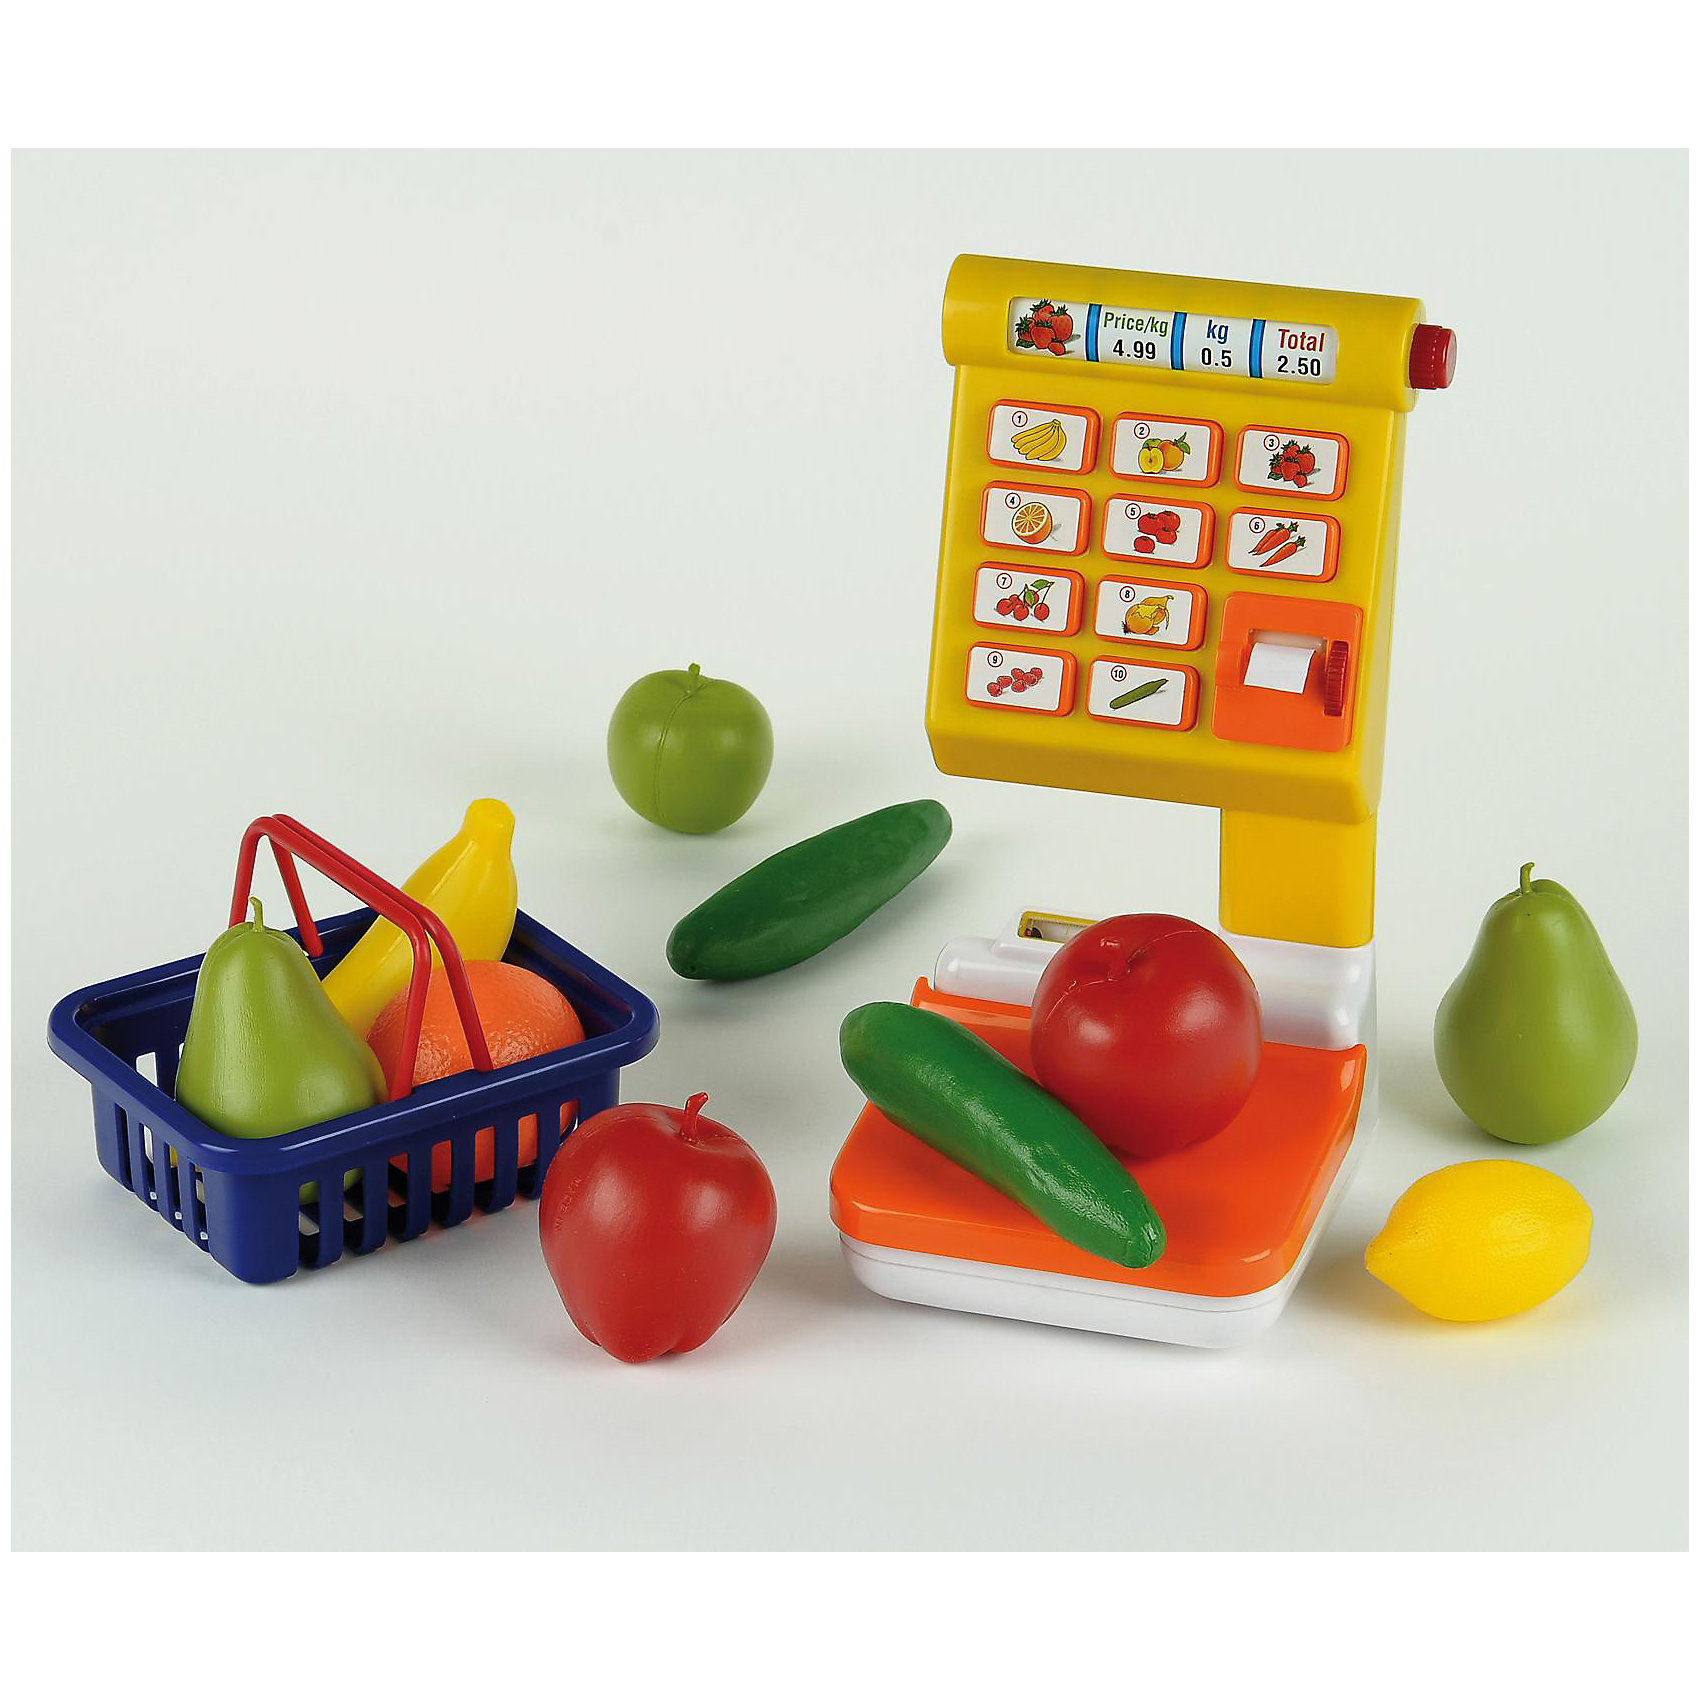 klein Весы для овощей и фруктовЭлектронные весы от klein (Кляйн) для овощей и фруктов с множеством аксессуаров.    <br><br>Дополнительные характеристики:<br><br>- во время взвешивания на дисплее  загорается лампочка  <br>- звуковой эффект при прокручивании бокового колесика       <br>- чаша весов опускается при взвешивании  <br>- 10 кнопок      <br>- Размеры (ДxШxВ): 38 x 19 x 33 см <br>- Батарейки: 2 x Mignon/LR06/AA (не входят в комплект)<br><br>klein (Кляйн) Весы для овощей и фруктов можно купить в нашем магазине.<br><br>Ширина мм: 380<br>Глубина мм: 190<br>Высота мм: 330<br>Вес г: 1123<br>Возраст от месяцев: 36<br>Возраст до месяцев: 120<br>Пол: Унисекс<br>Возраст: Детский<br>SKU: 2022513